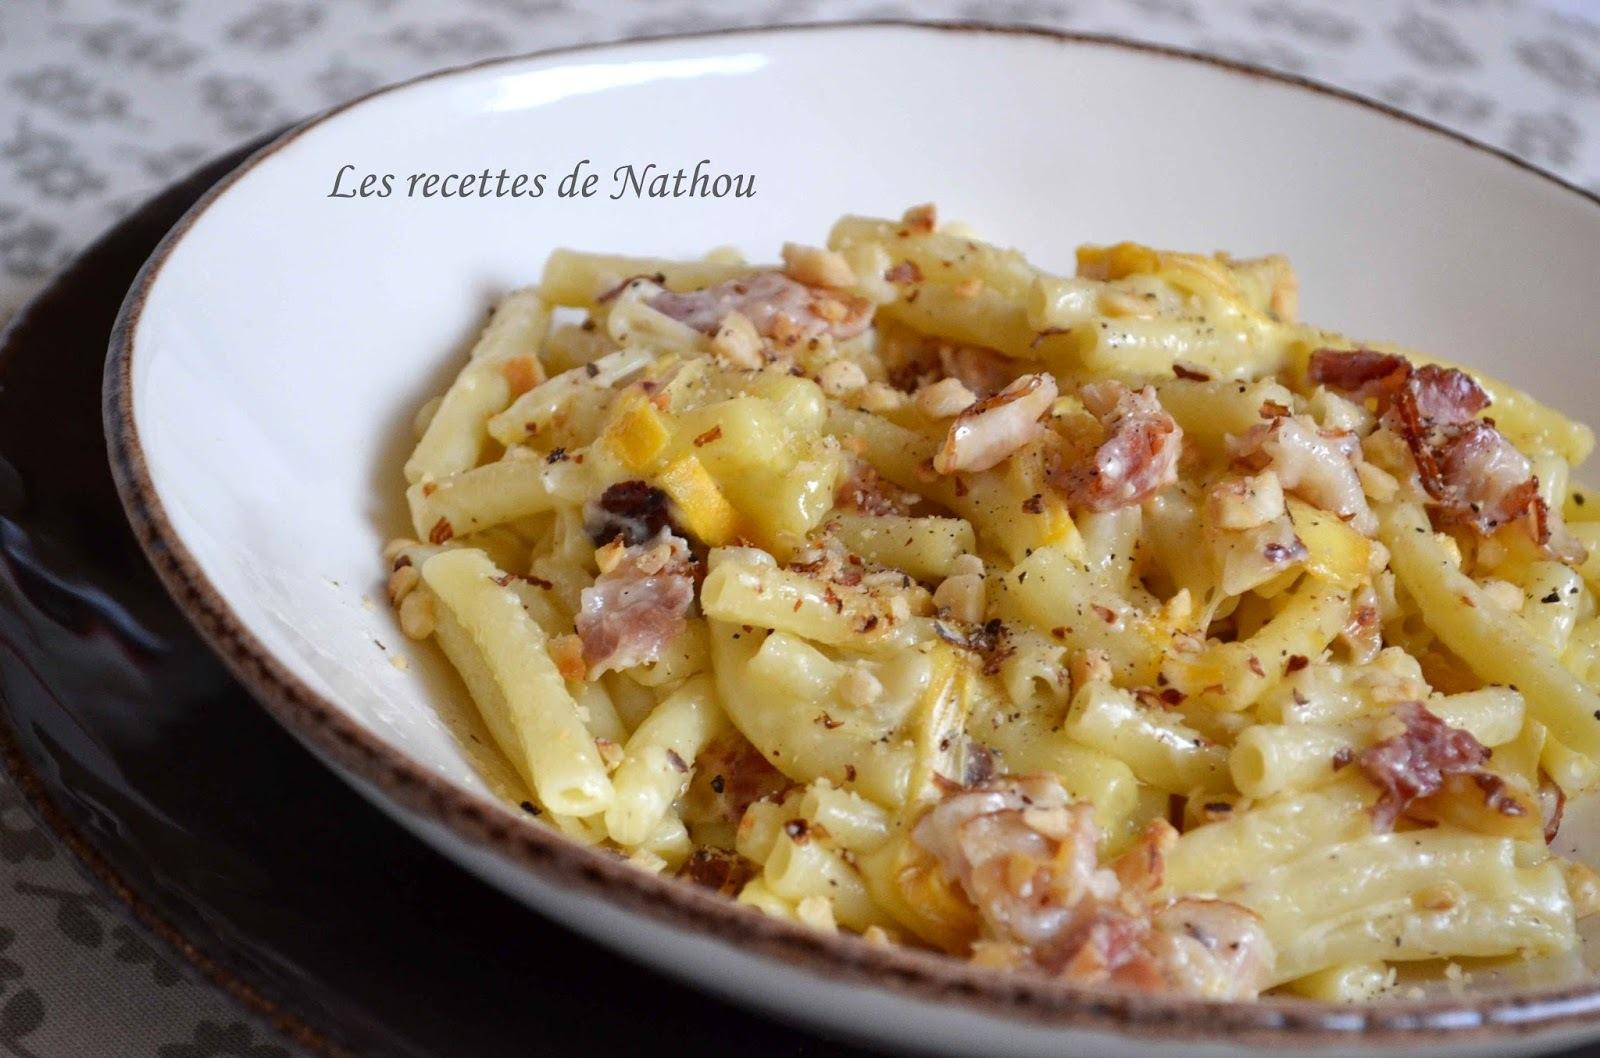 Macaronis au lard, Reblochon et noisettes grillées